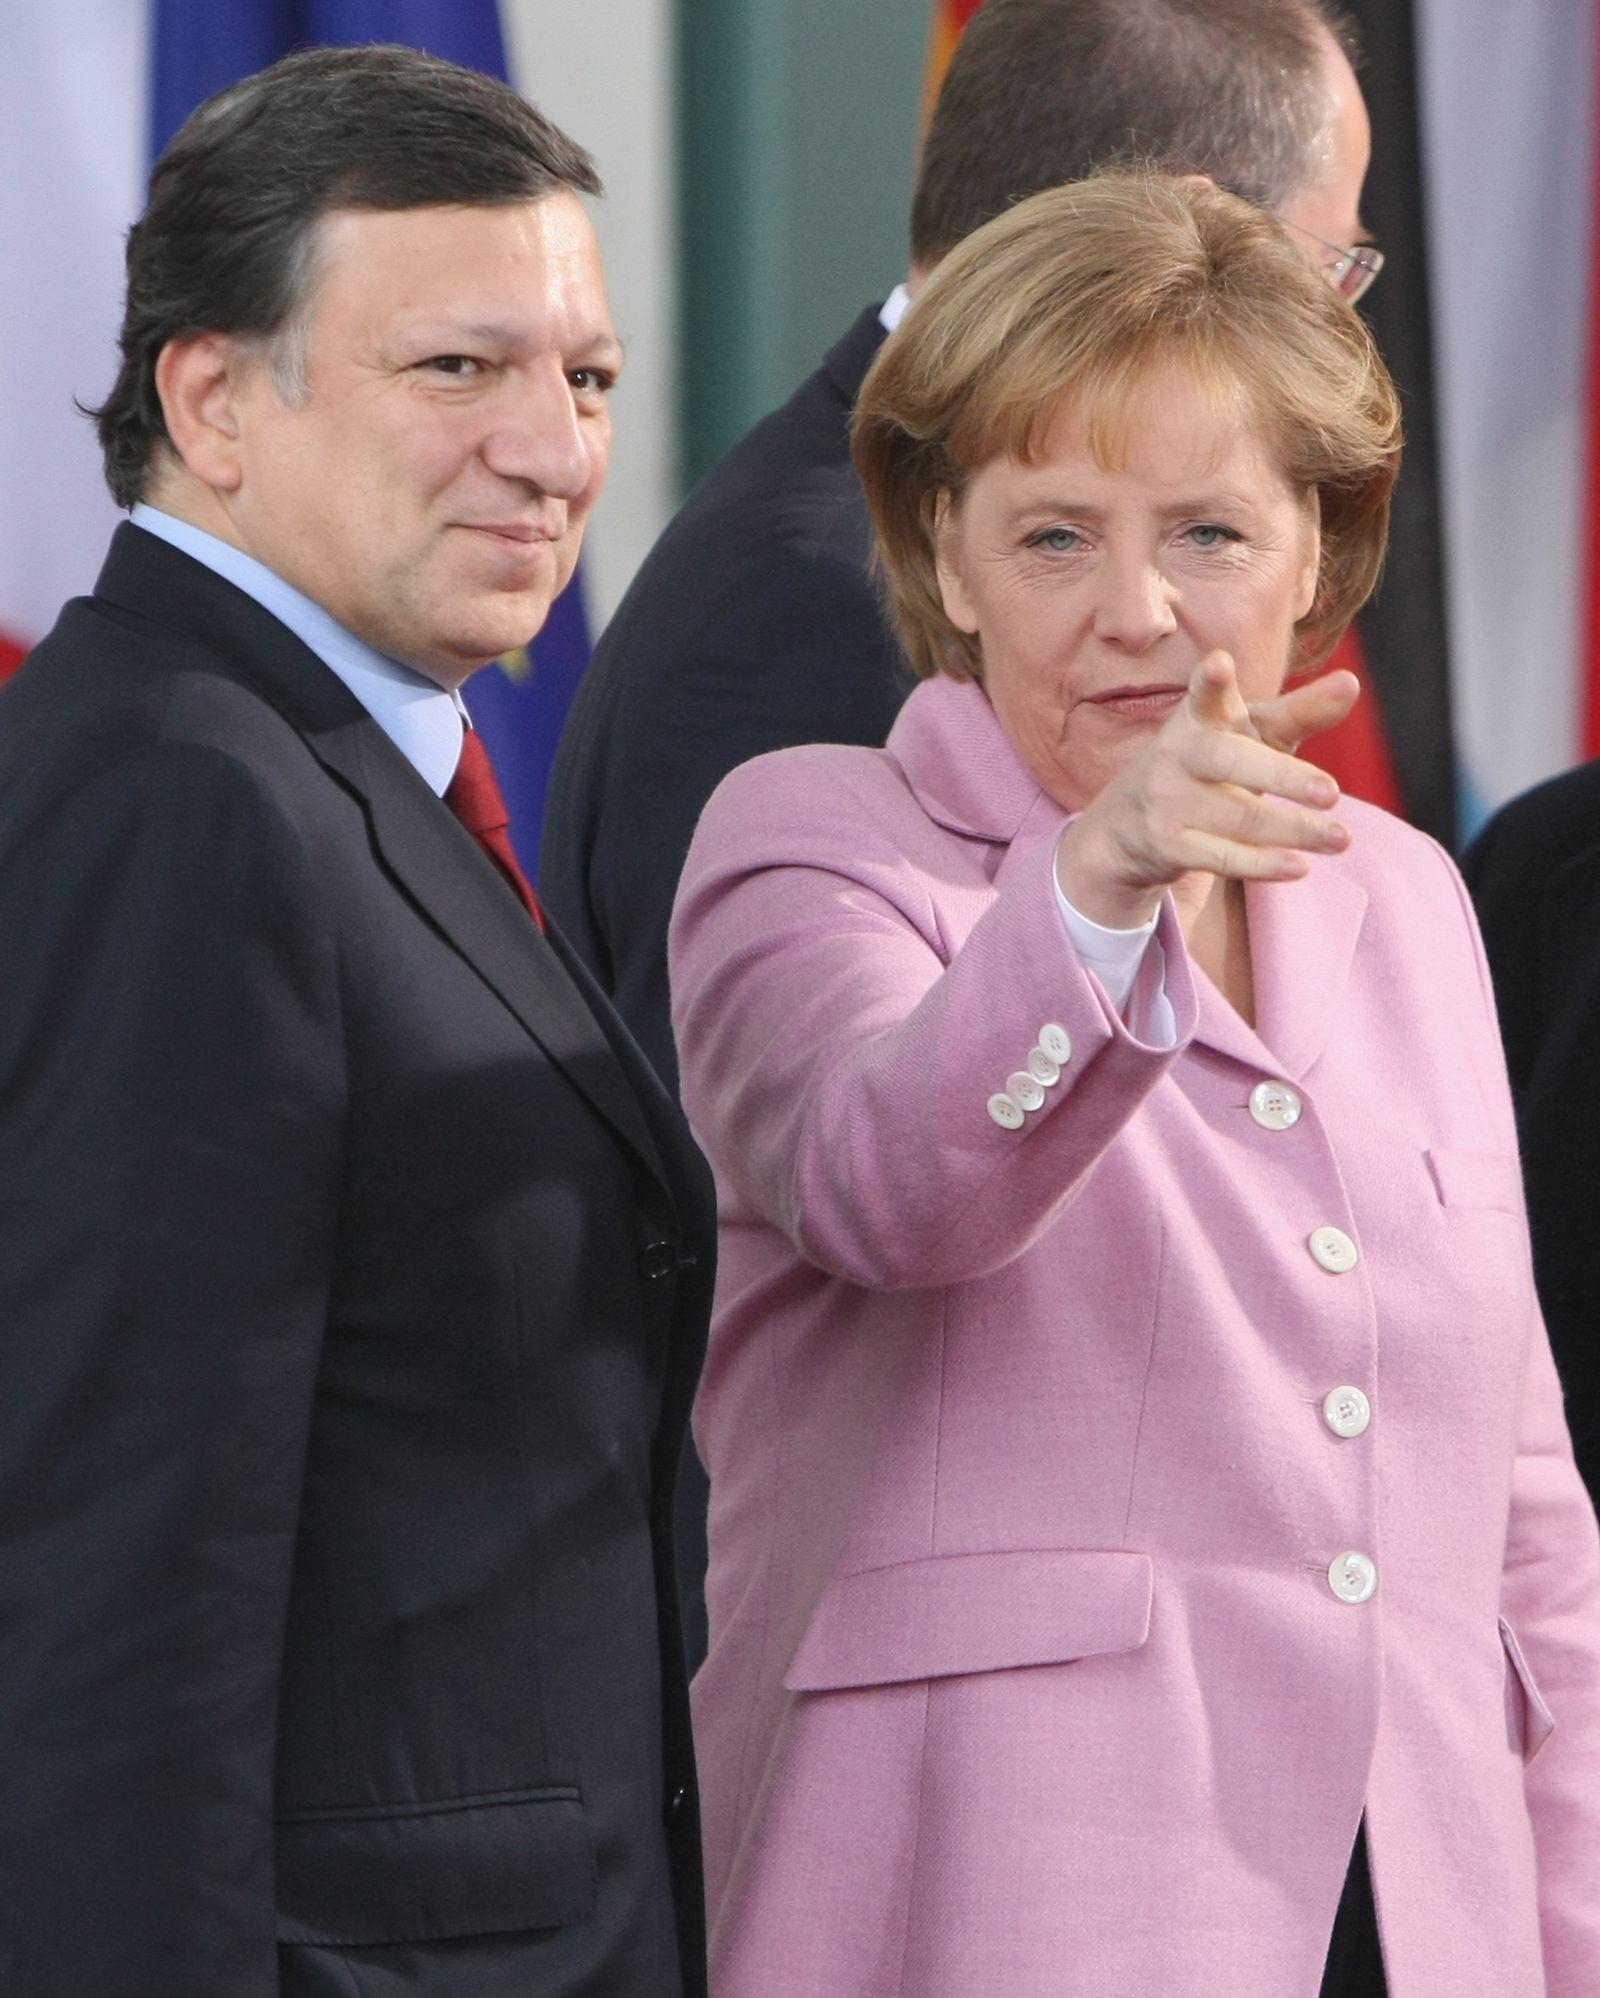 Barroso / Merkel